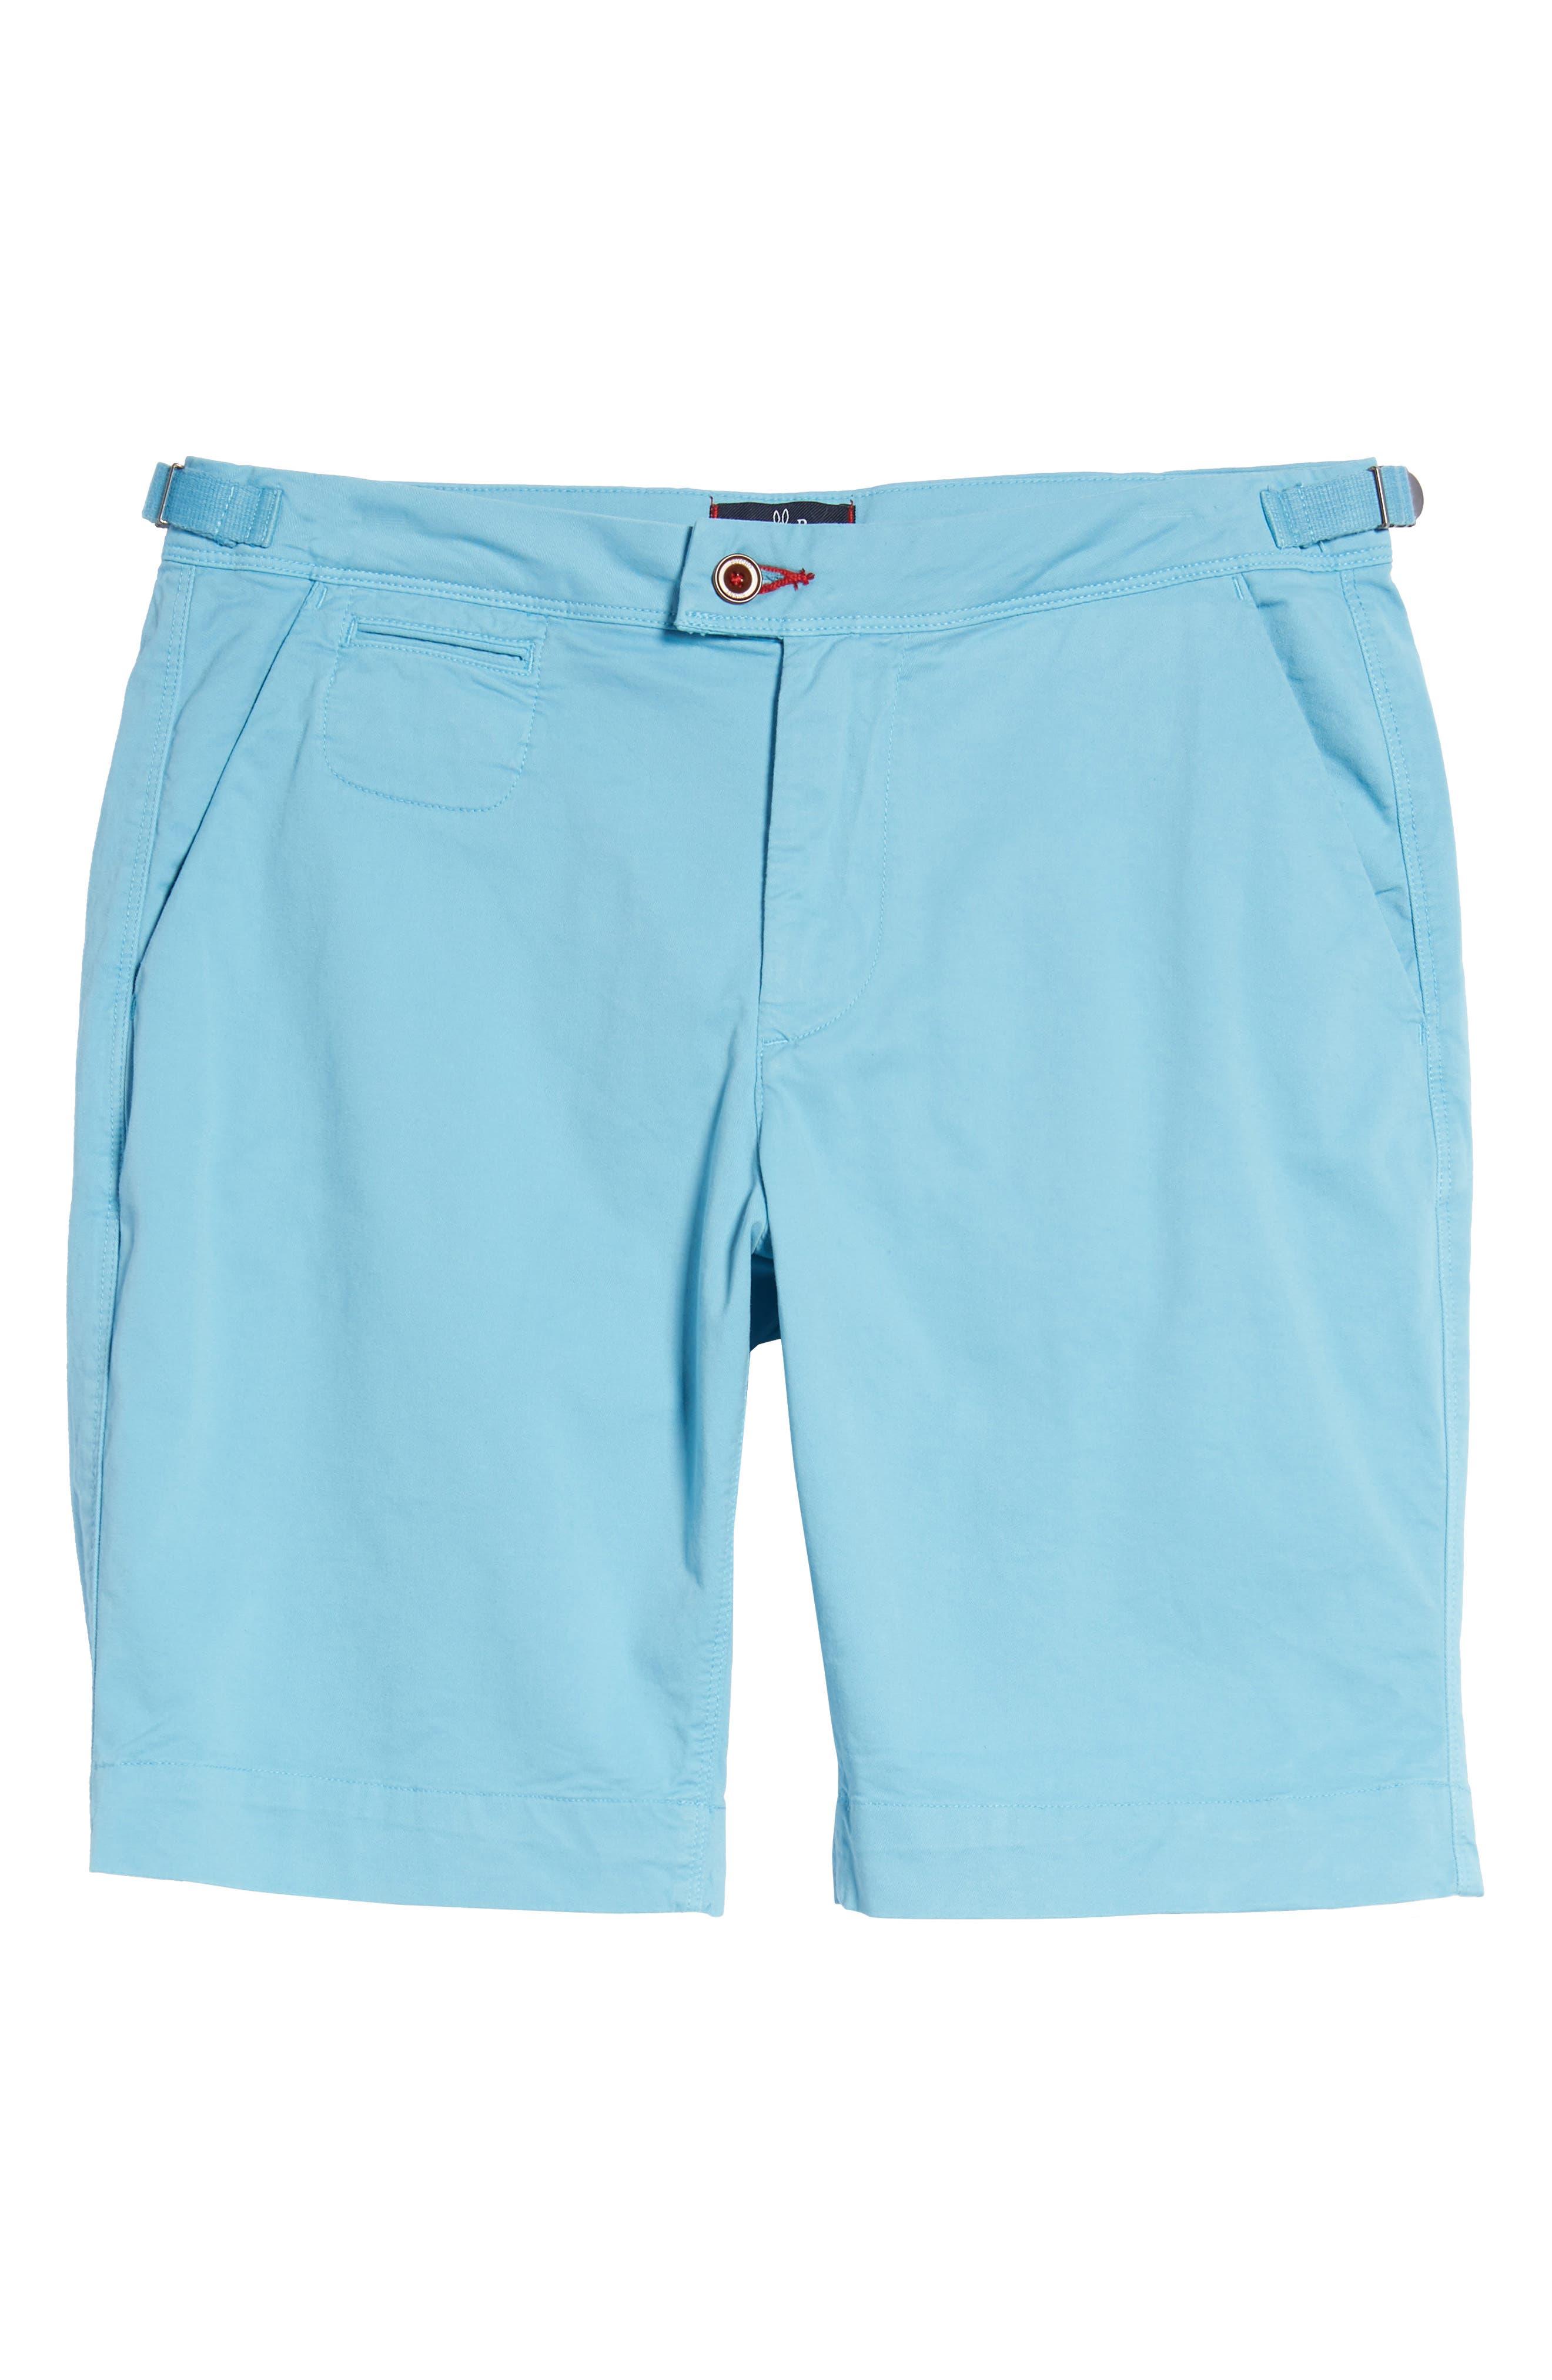 Triumph Shorts,                             Alternate thumbnail 70, color,